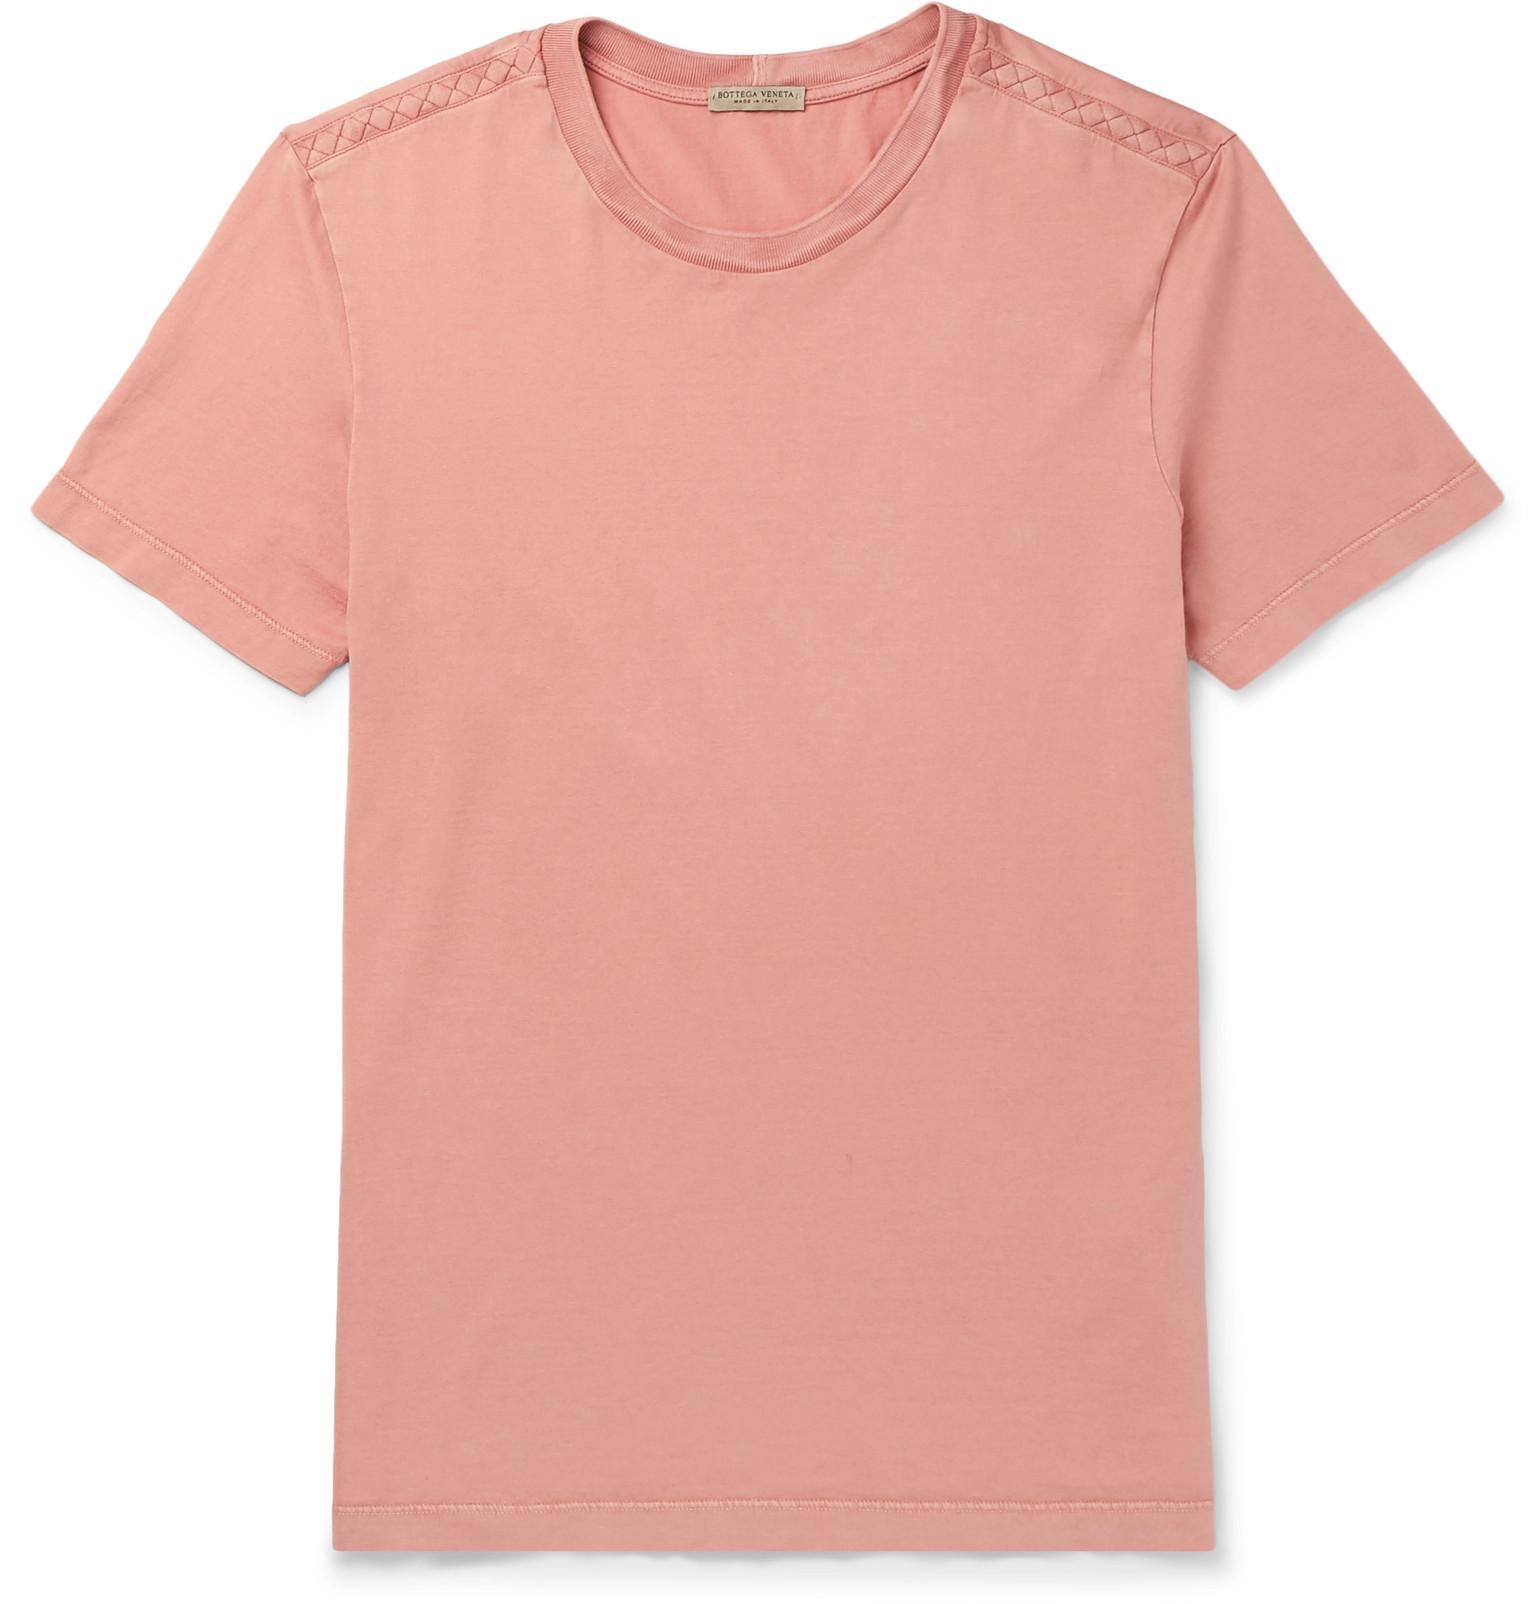 bf3a7357bae20 Lyst - Bottega Veneta Intrecciato-trimmed Cotton-jersey T-shirt in ...